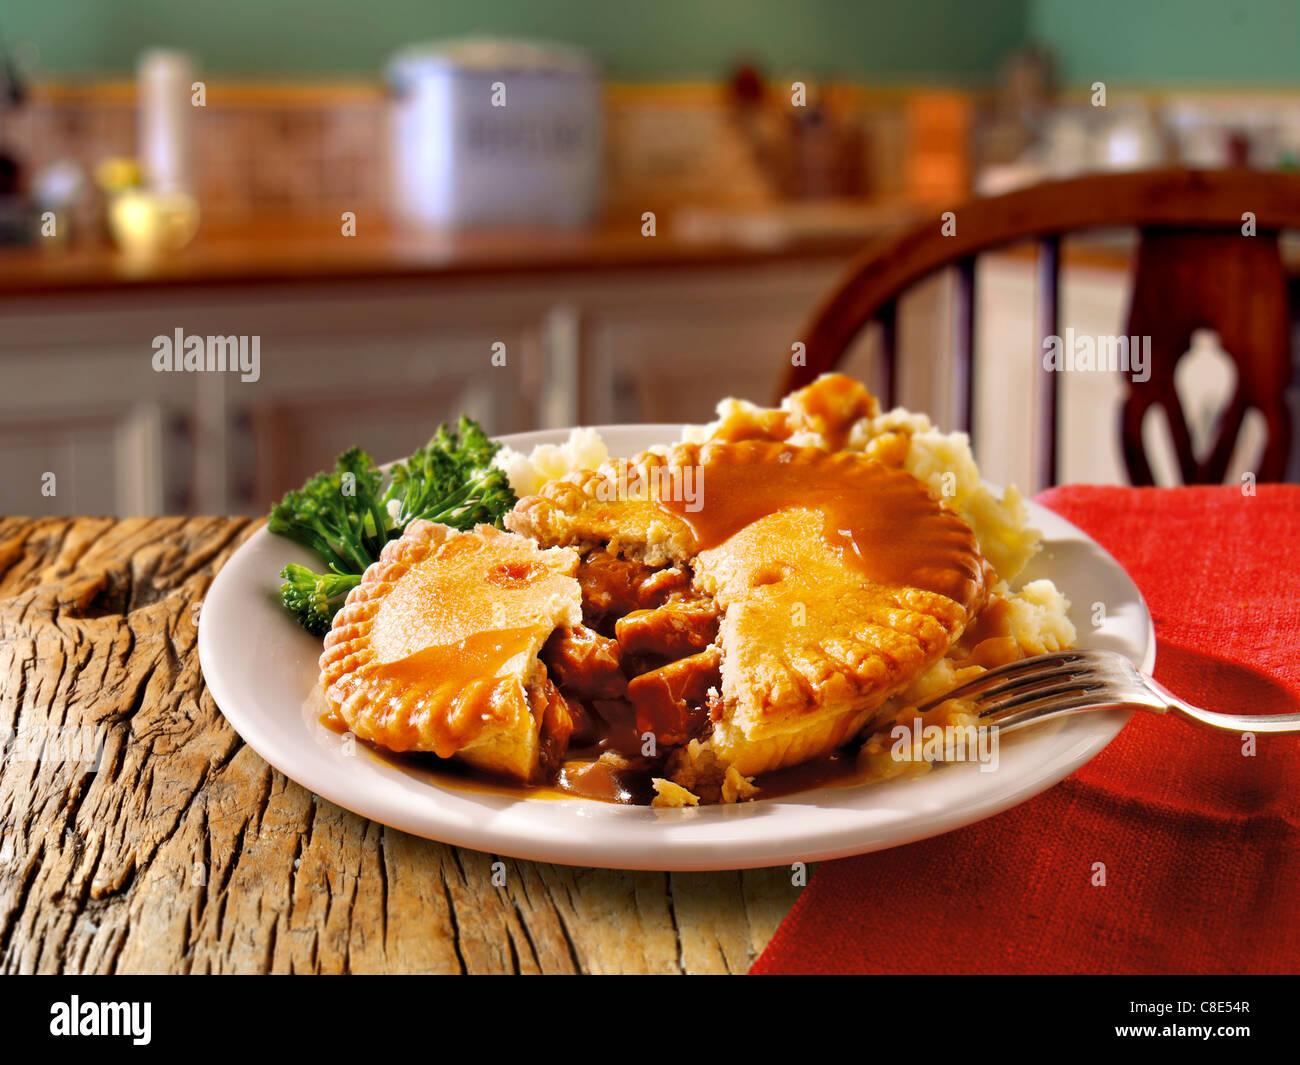 Tarta de hojaldre de carne de vacuno británica tradicional servido en un plato blanco en una mesa en un establecimiento Imagen De Stock